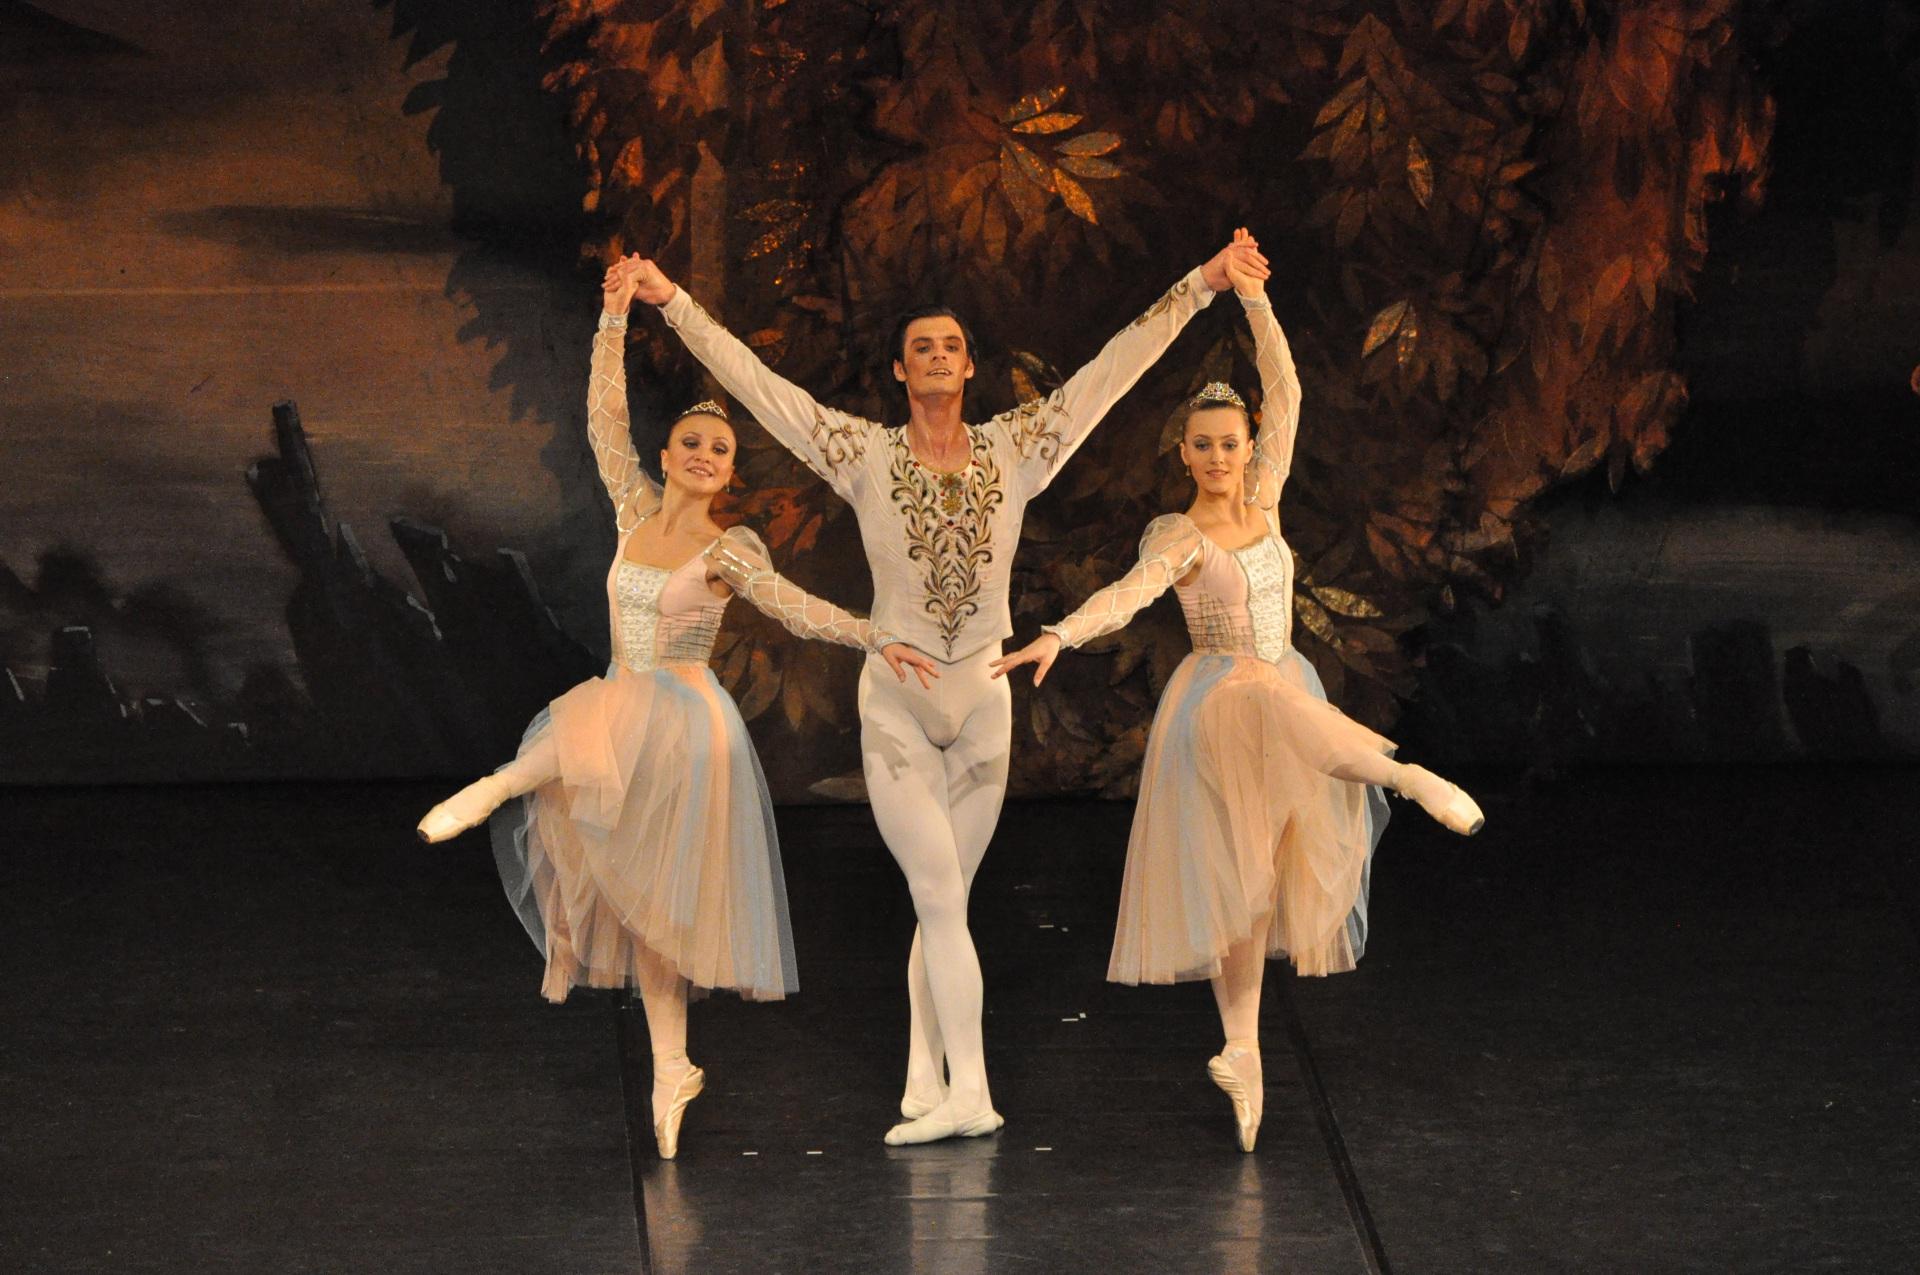 Театр оперы и балета Коми откроет юбилейный 60-й сезон 21 сентября